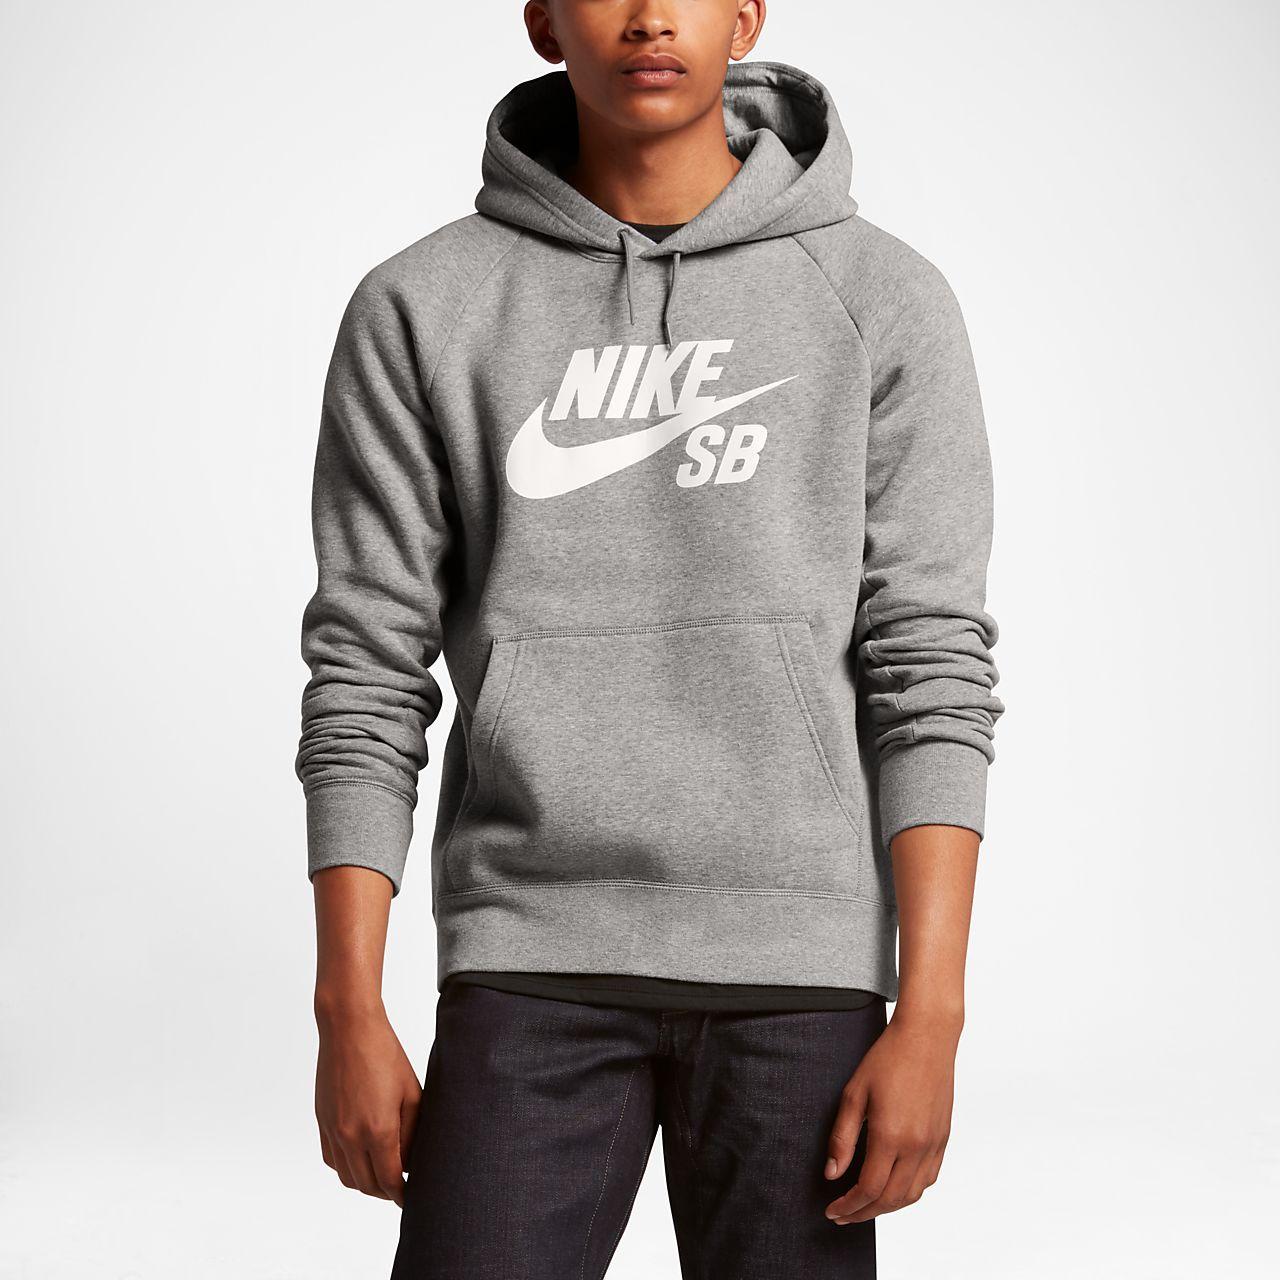 Predownload: Nike Sb Icon Men S Hoodie Hoodies Men Nike Sb Hoodies [ 1280 x 1280 Pixel ]